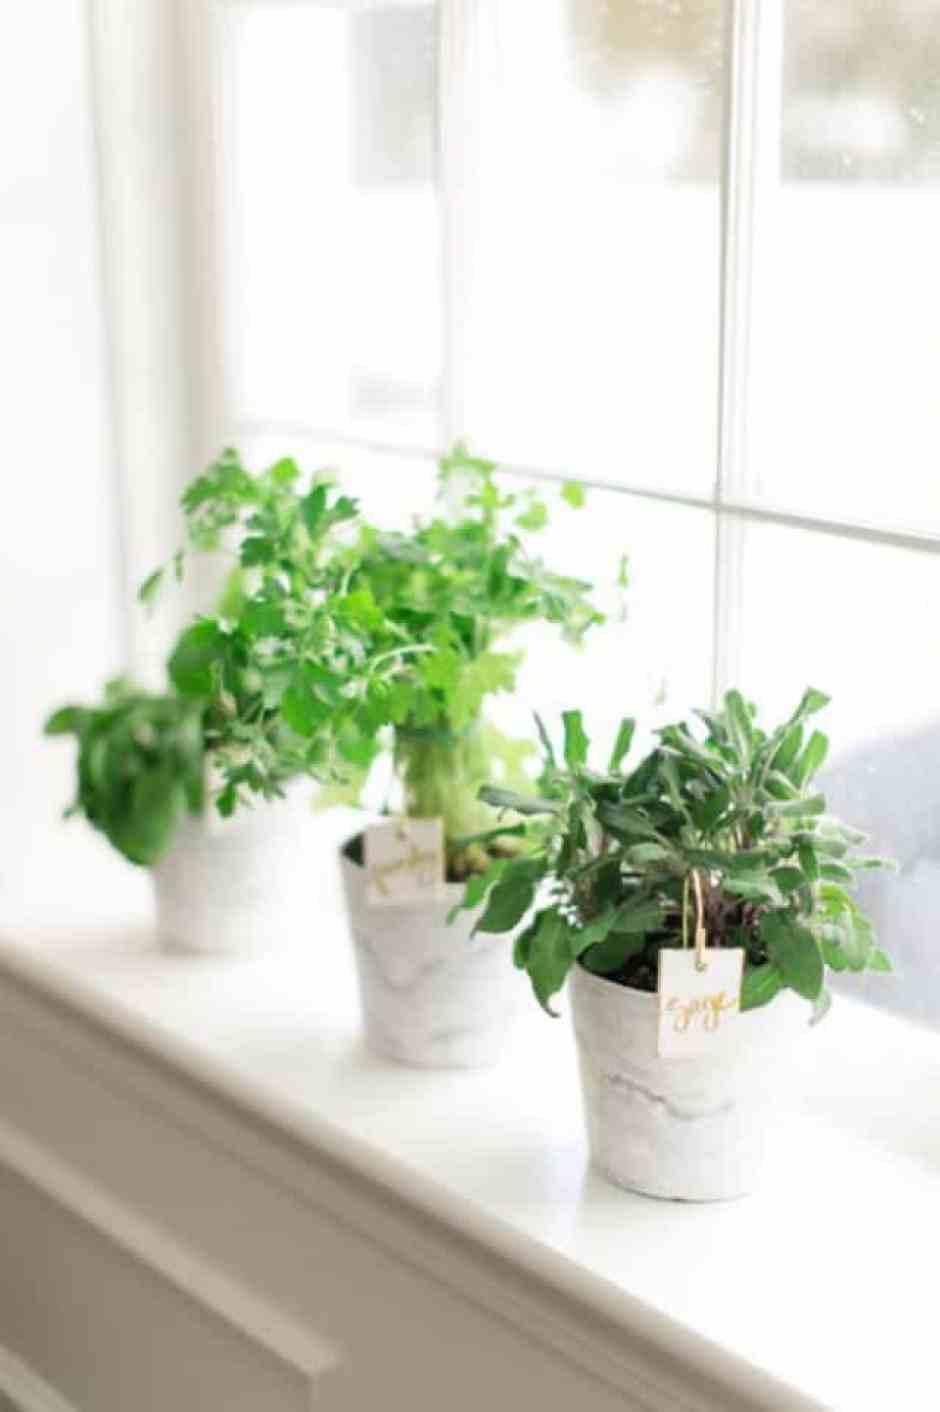 Vasi di erbe aromatiche